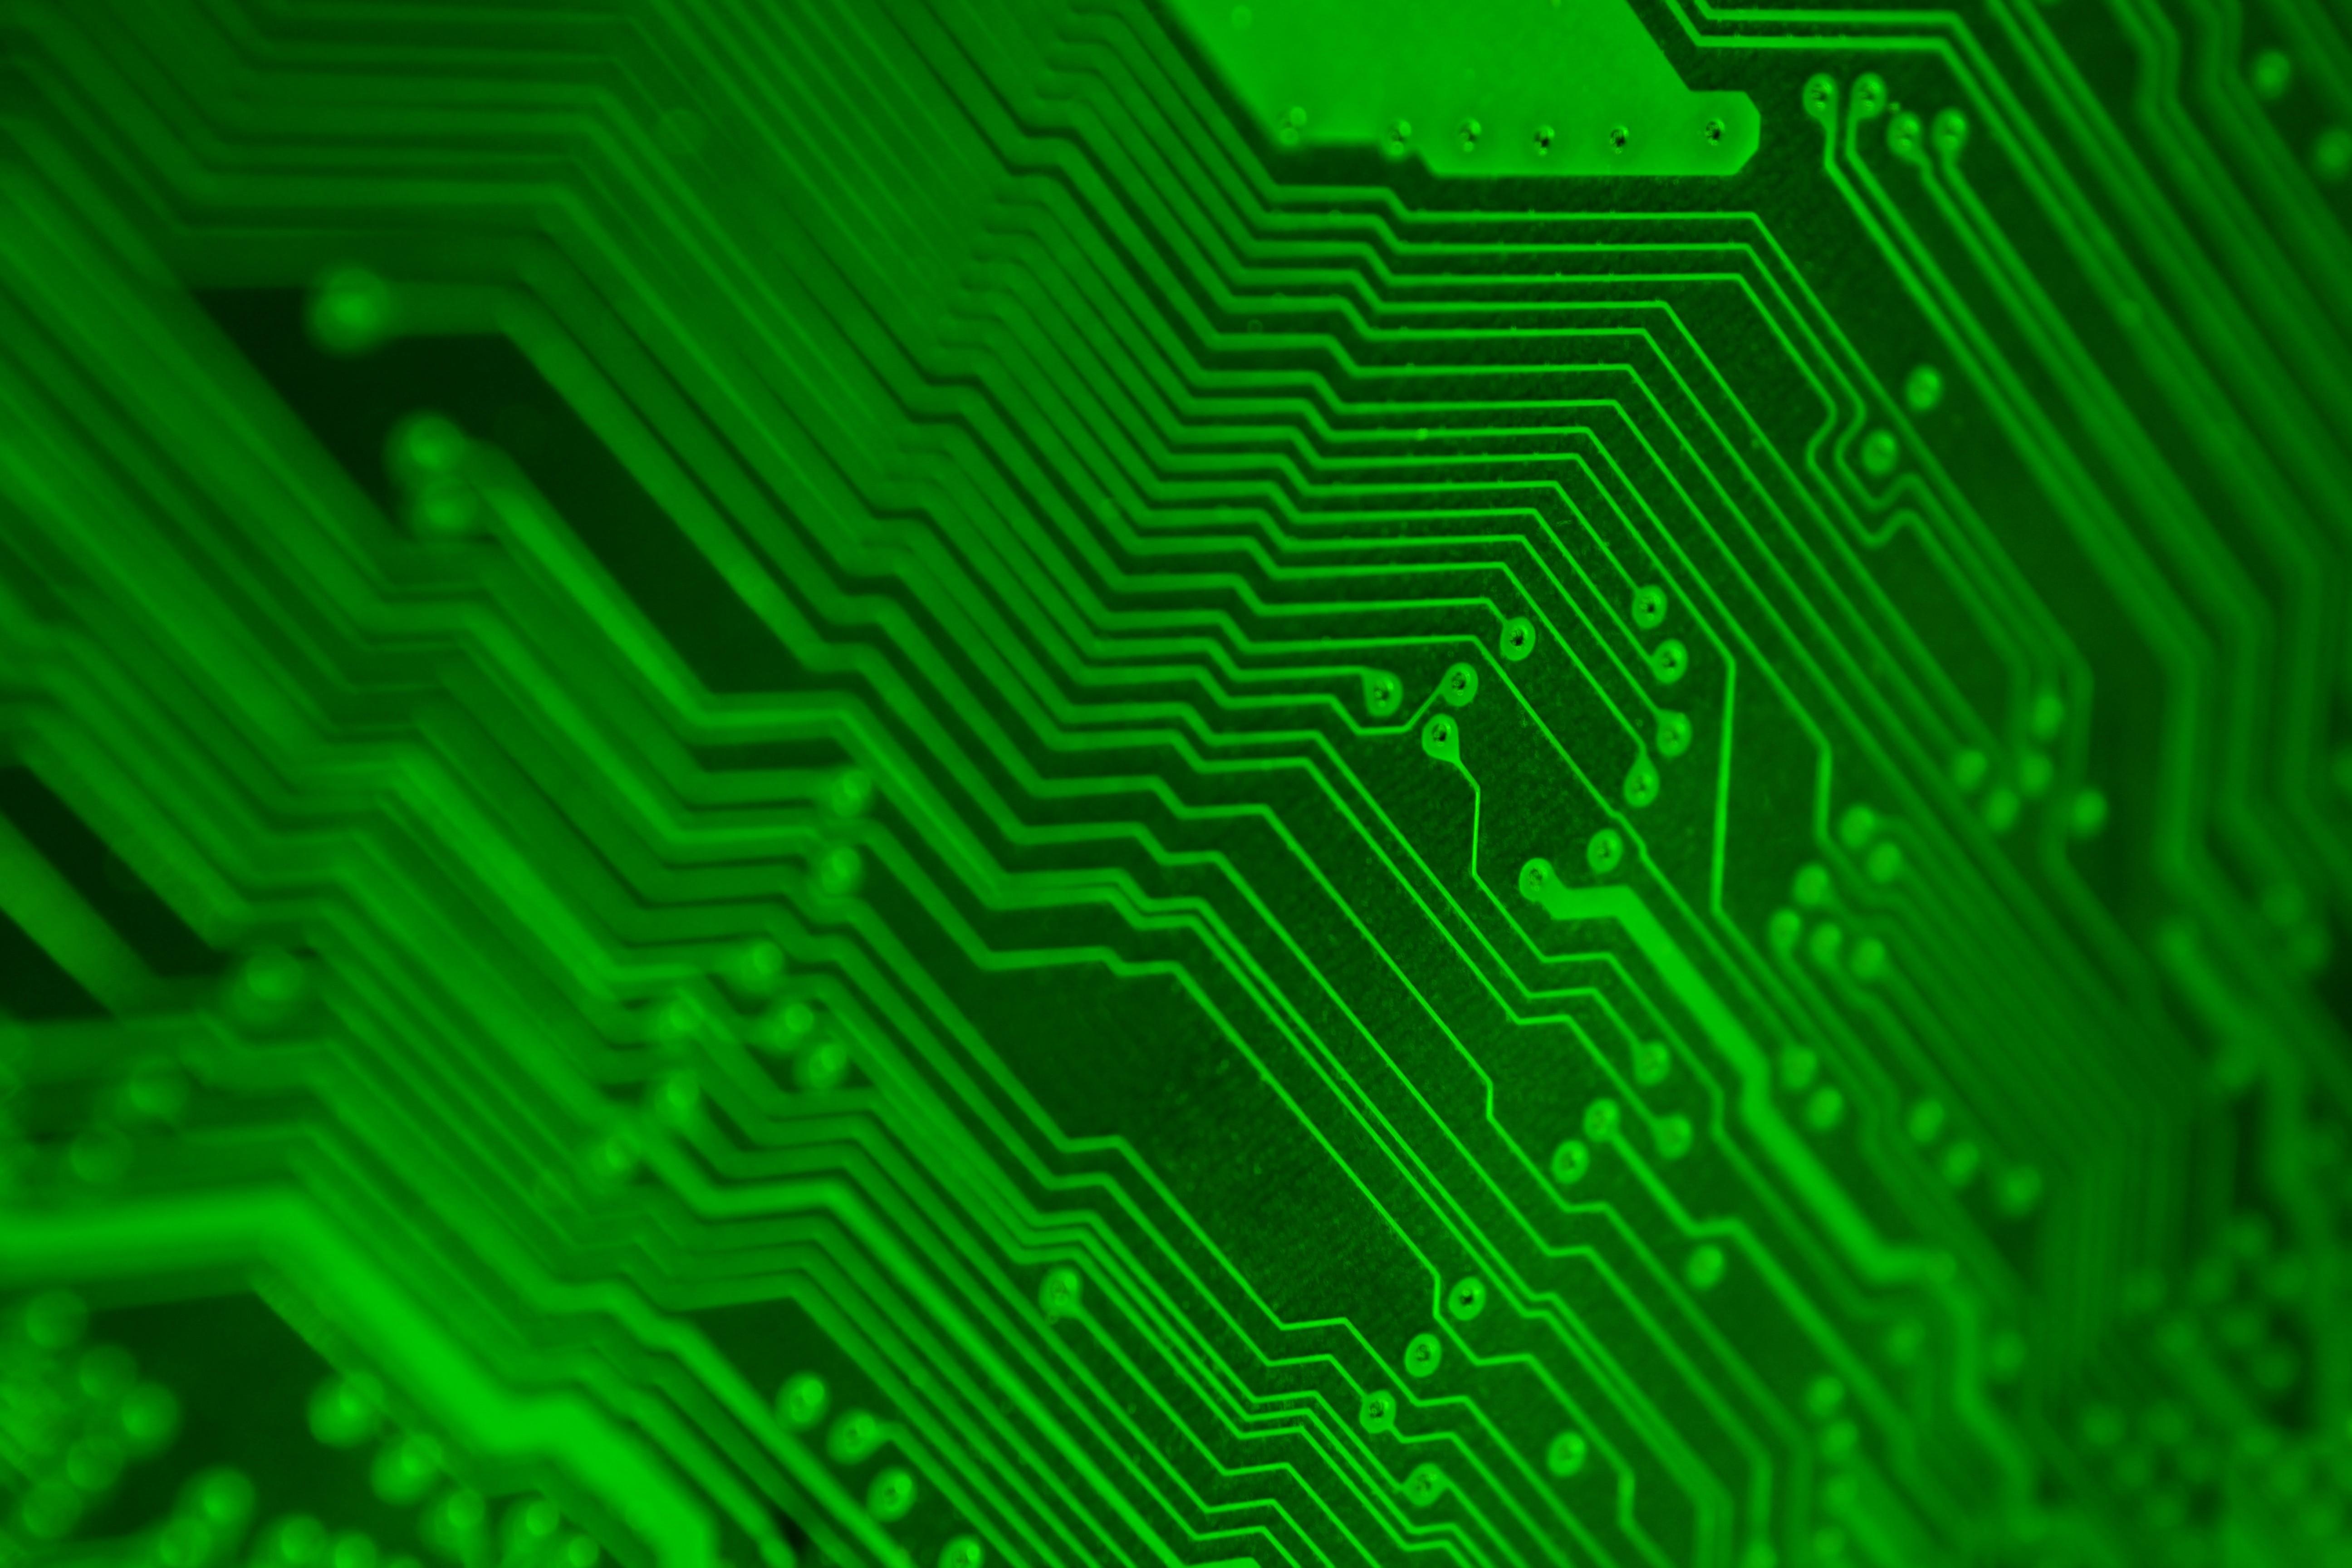 Световен рекорд за най-бърз микрочип: 1 терахерц